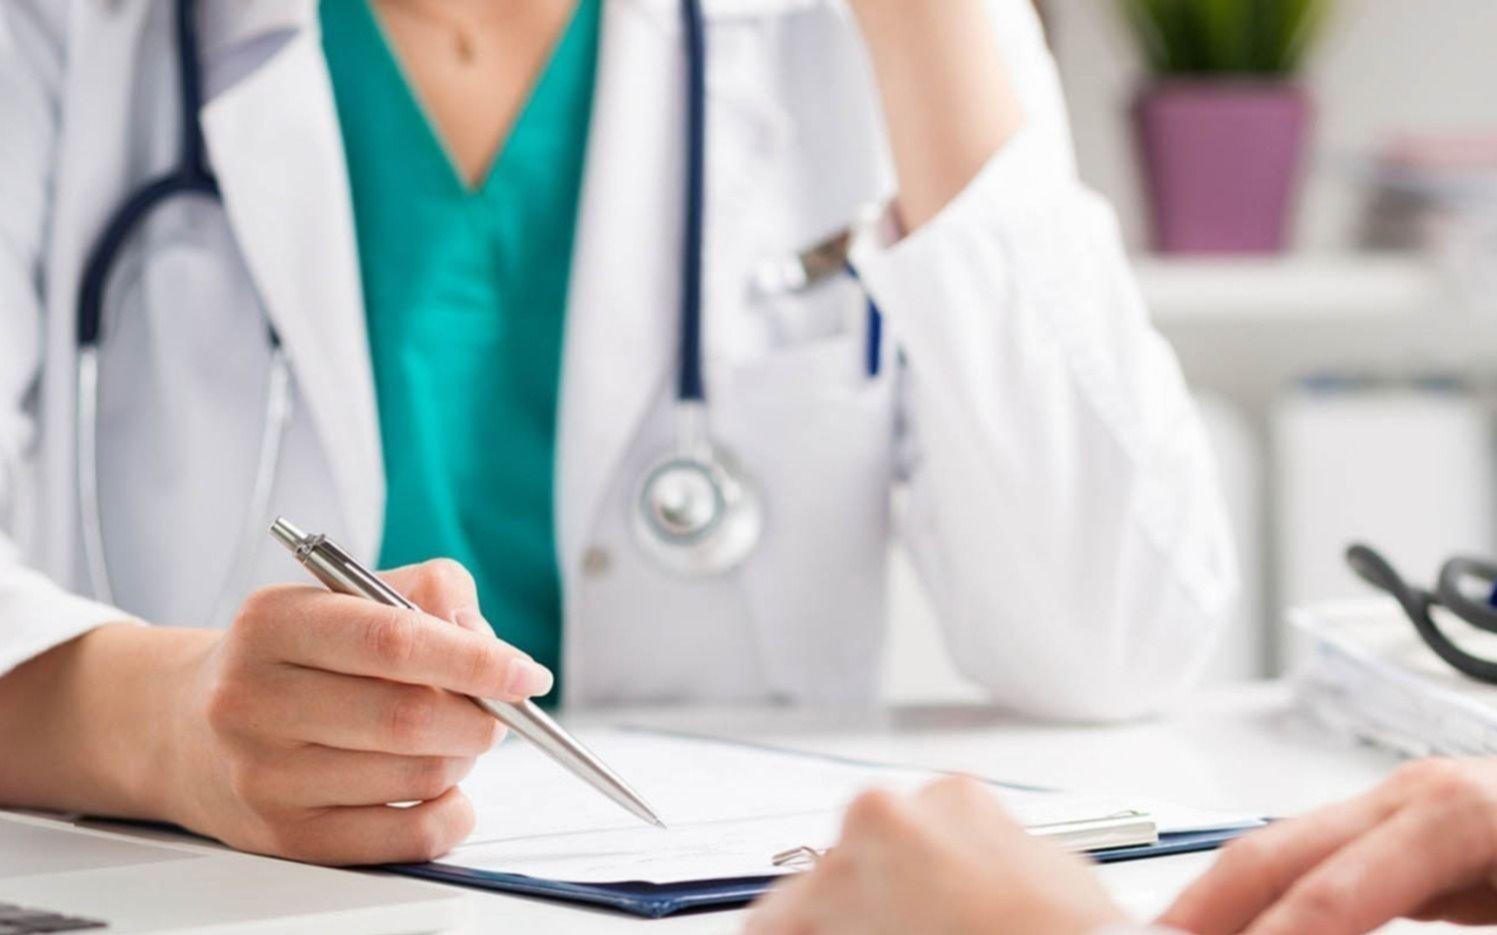 Nuevo reclamo de los médicos por el aumento de los bonos de IOMA